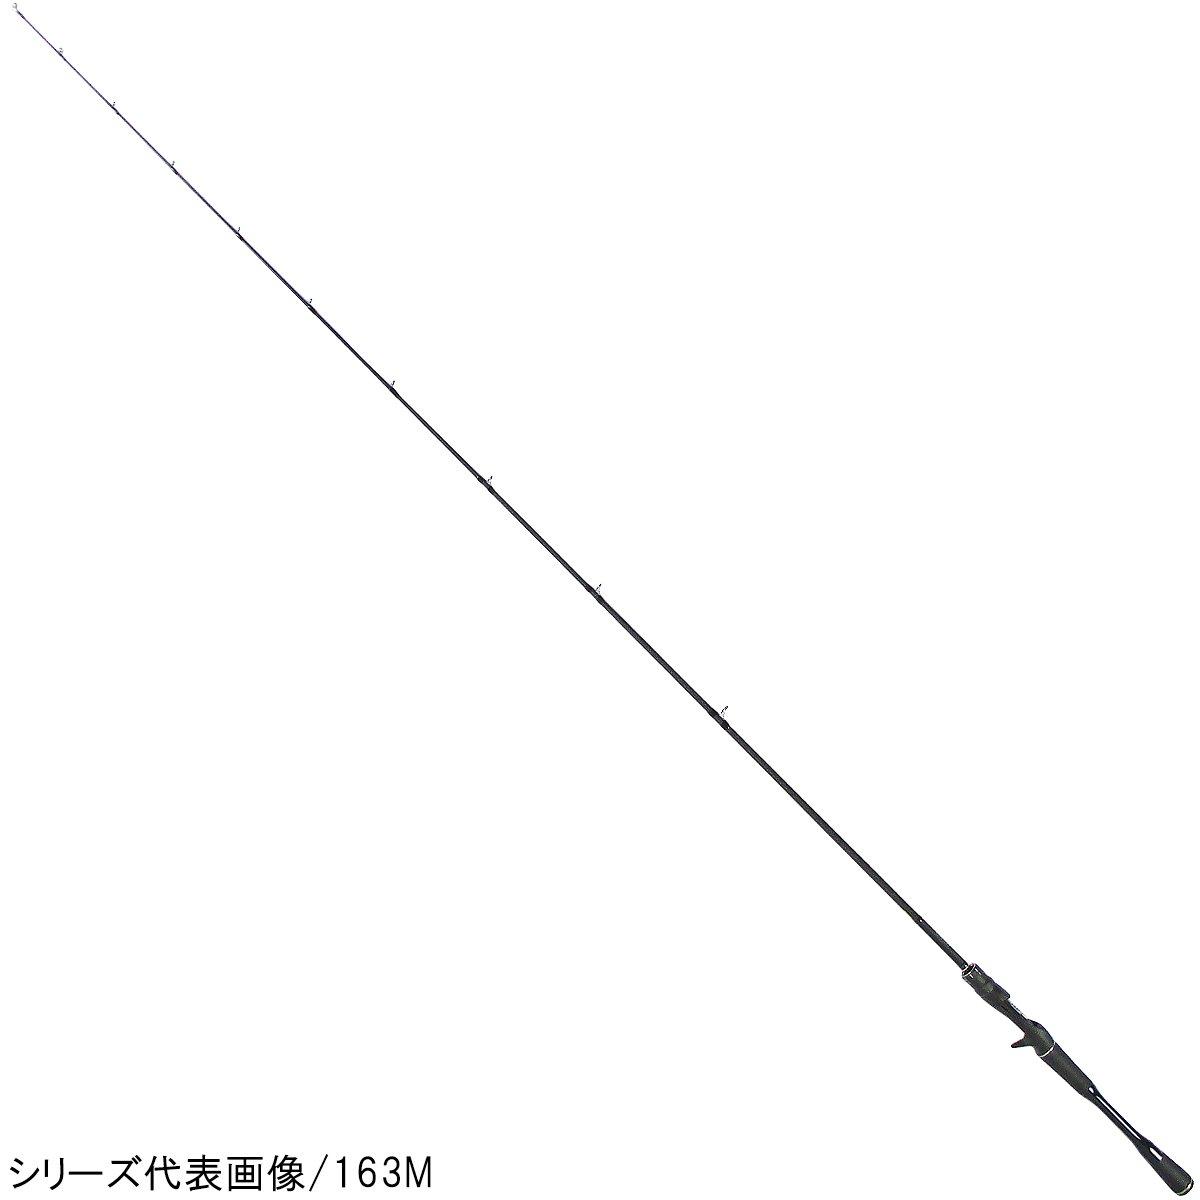 シマノ ポイズンアドレナ(ベイト) 167L-BFS【大型商品】